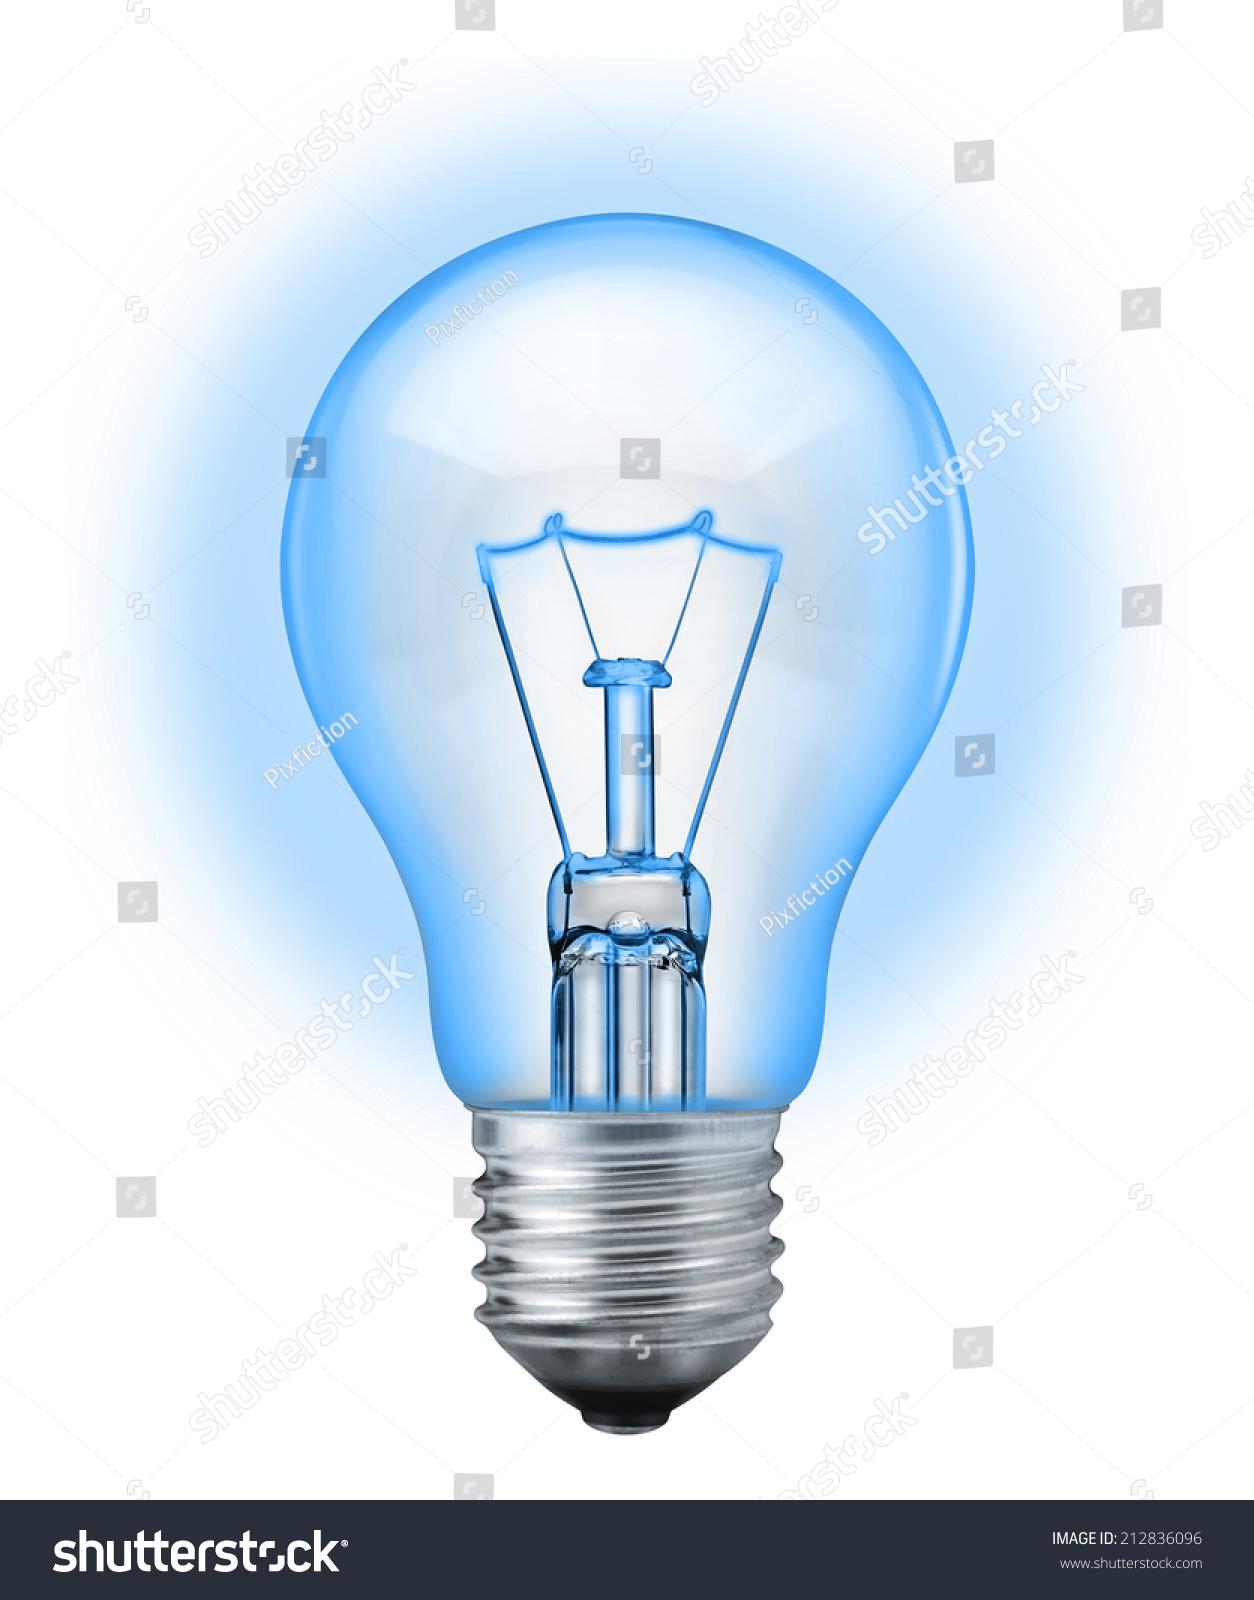 Light Bulb Isolated On White Background Stock Photo 212836096 ...